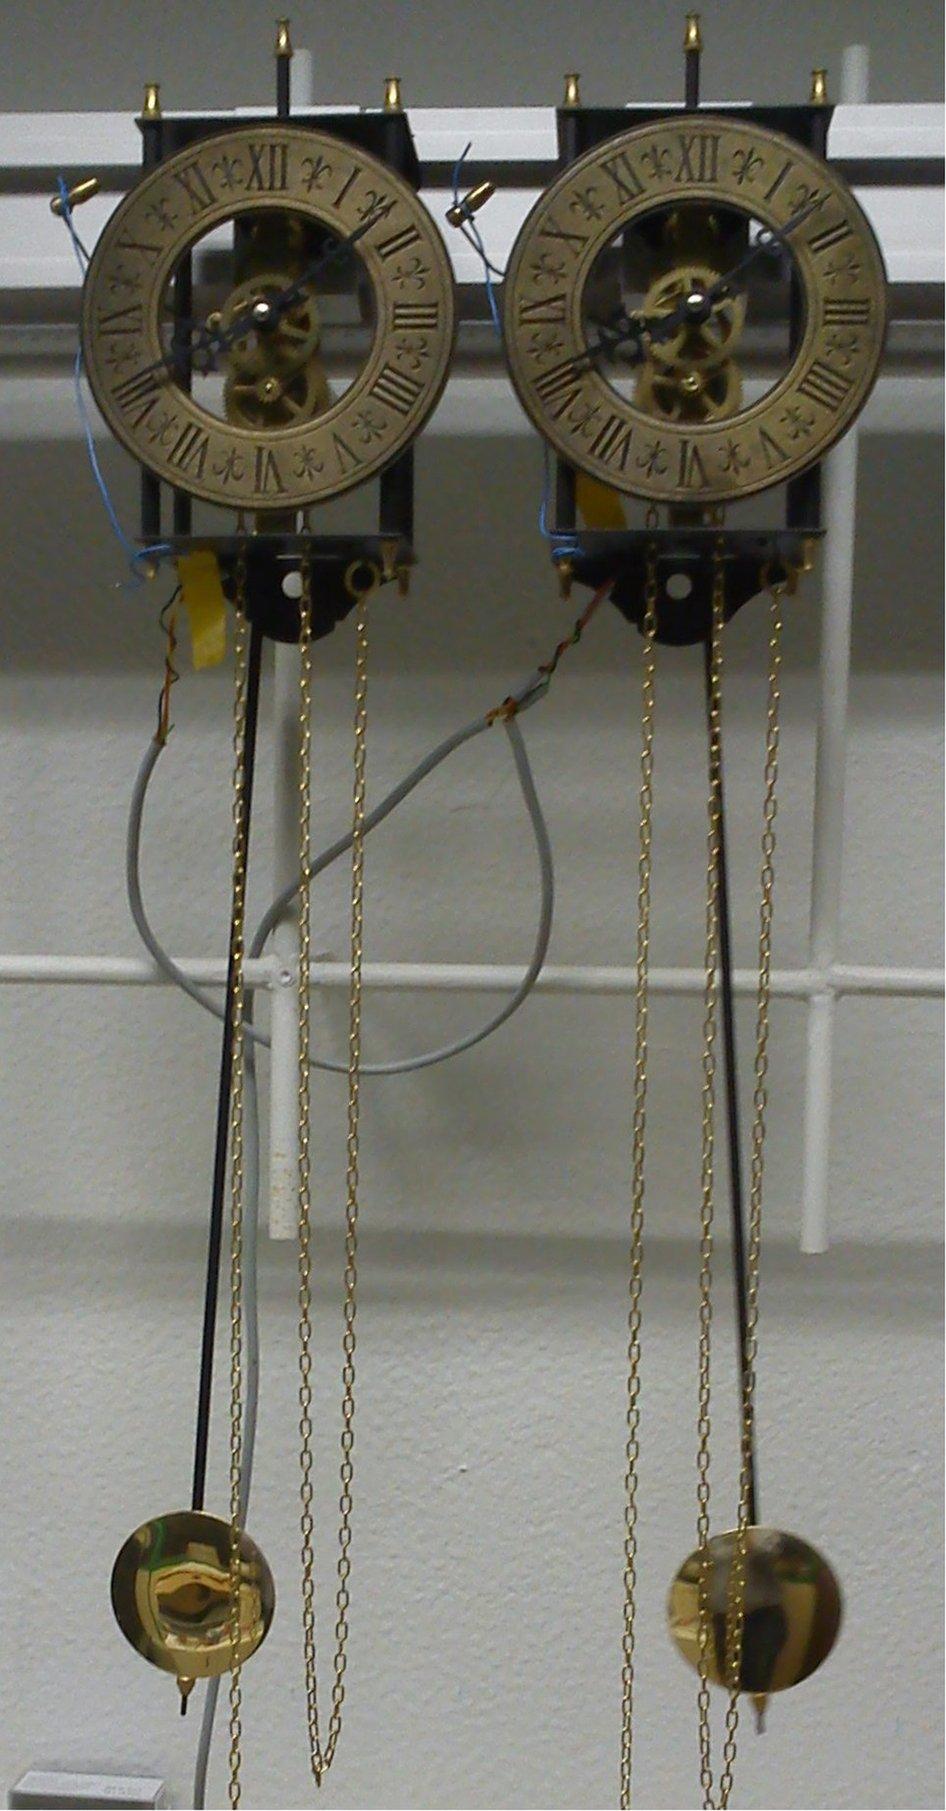 Гюйгенс делал изобретения и открытия в различных разделах математики и механики, тесно связанных с учением о часах. Ему принадлежат изобретения обычных маятниковых часов и часов с коническим маятником